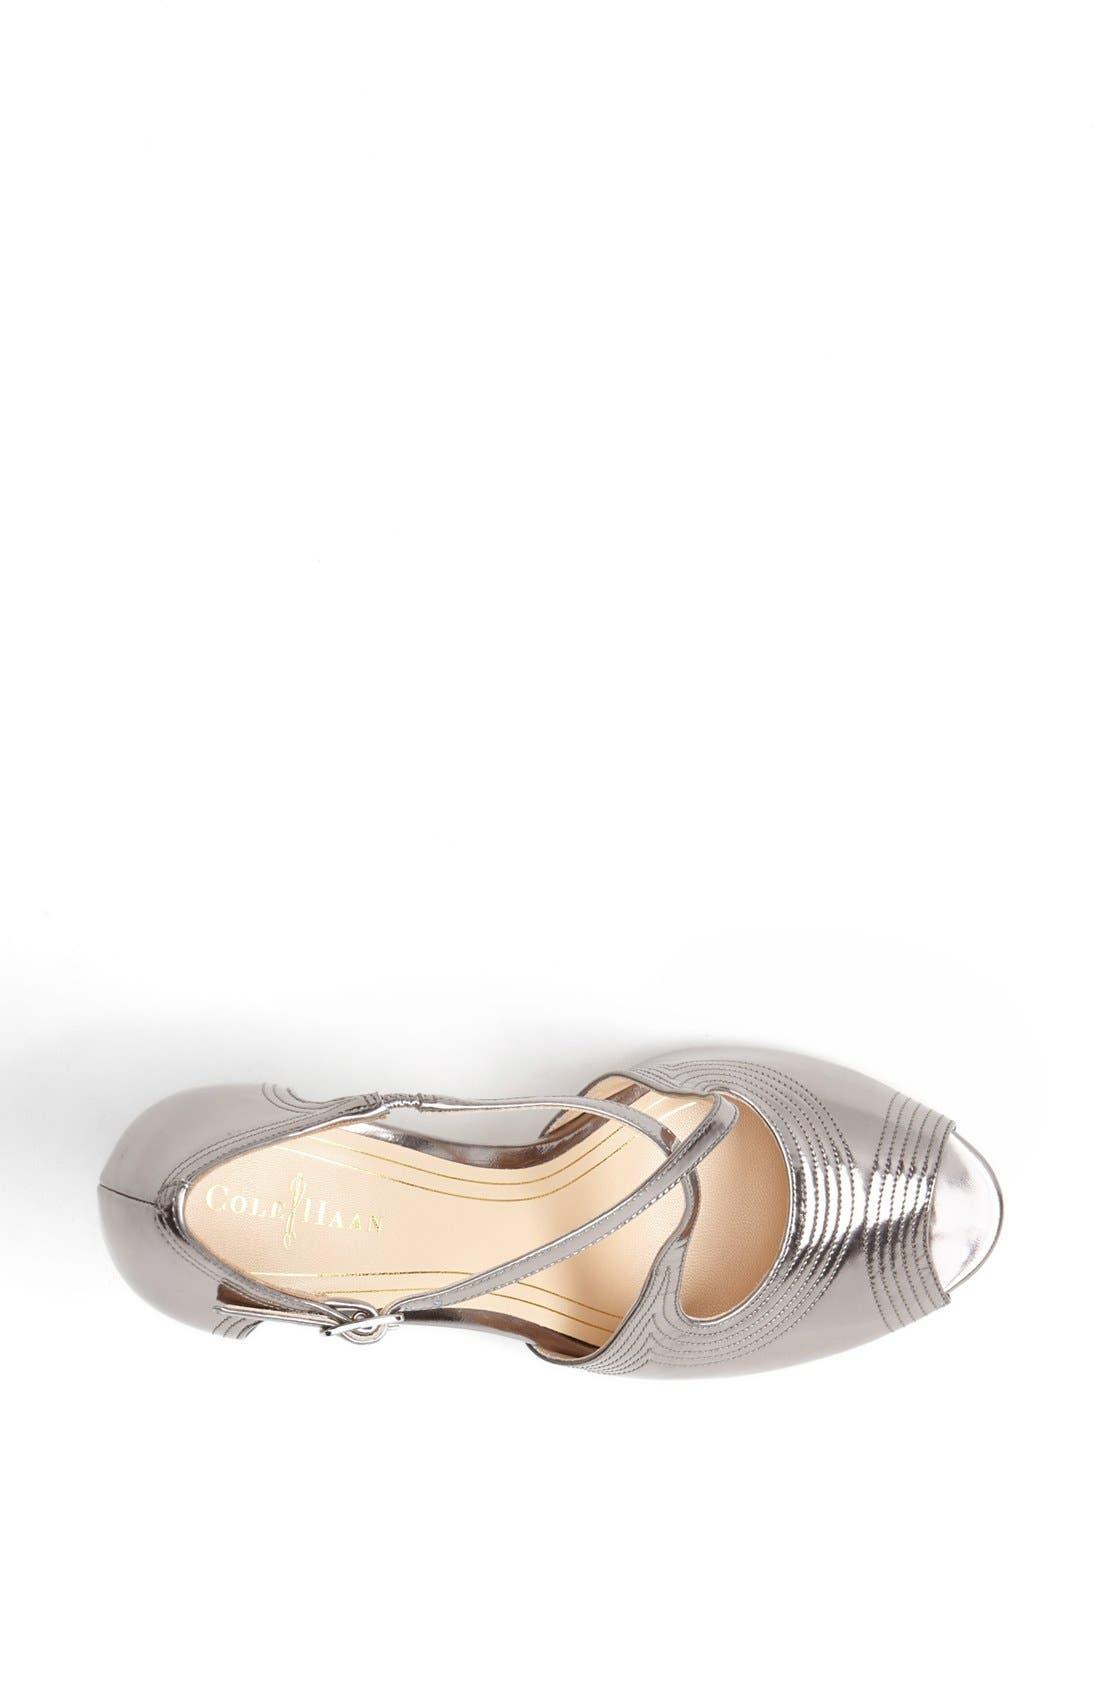 Alternate Image 3  - Cole Haan 'Jovie' Mirrored Sandal